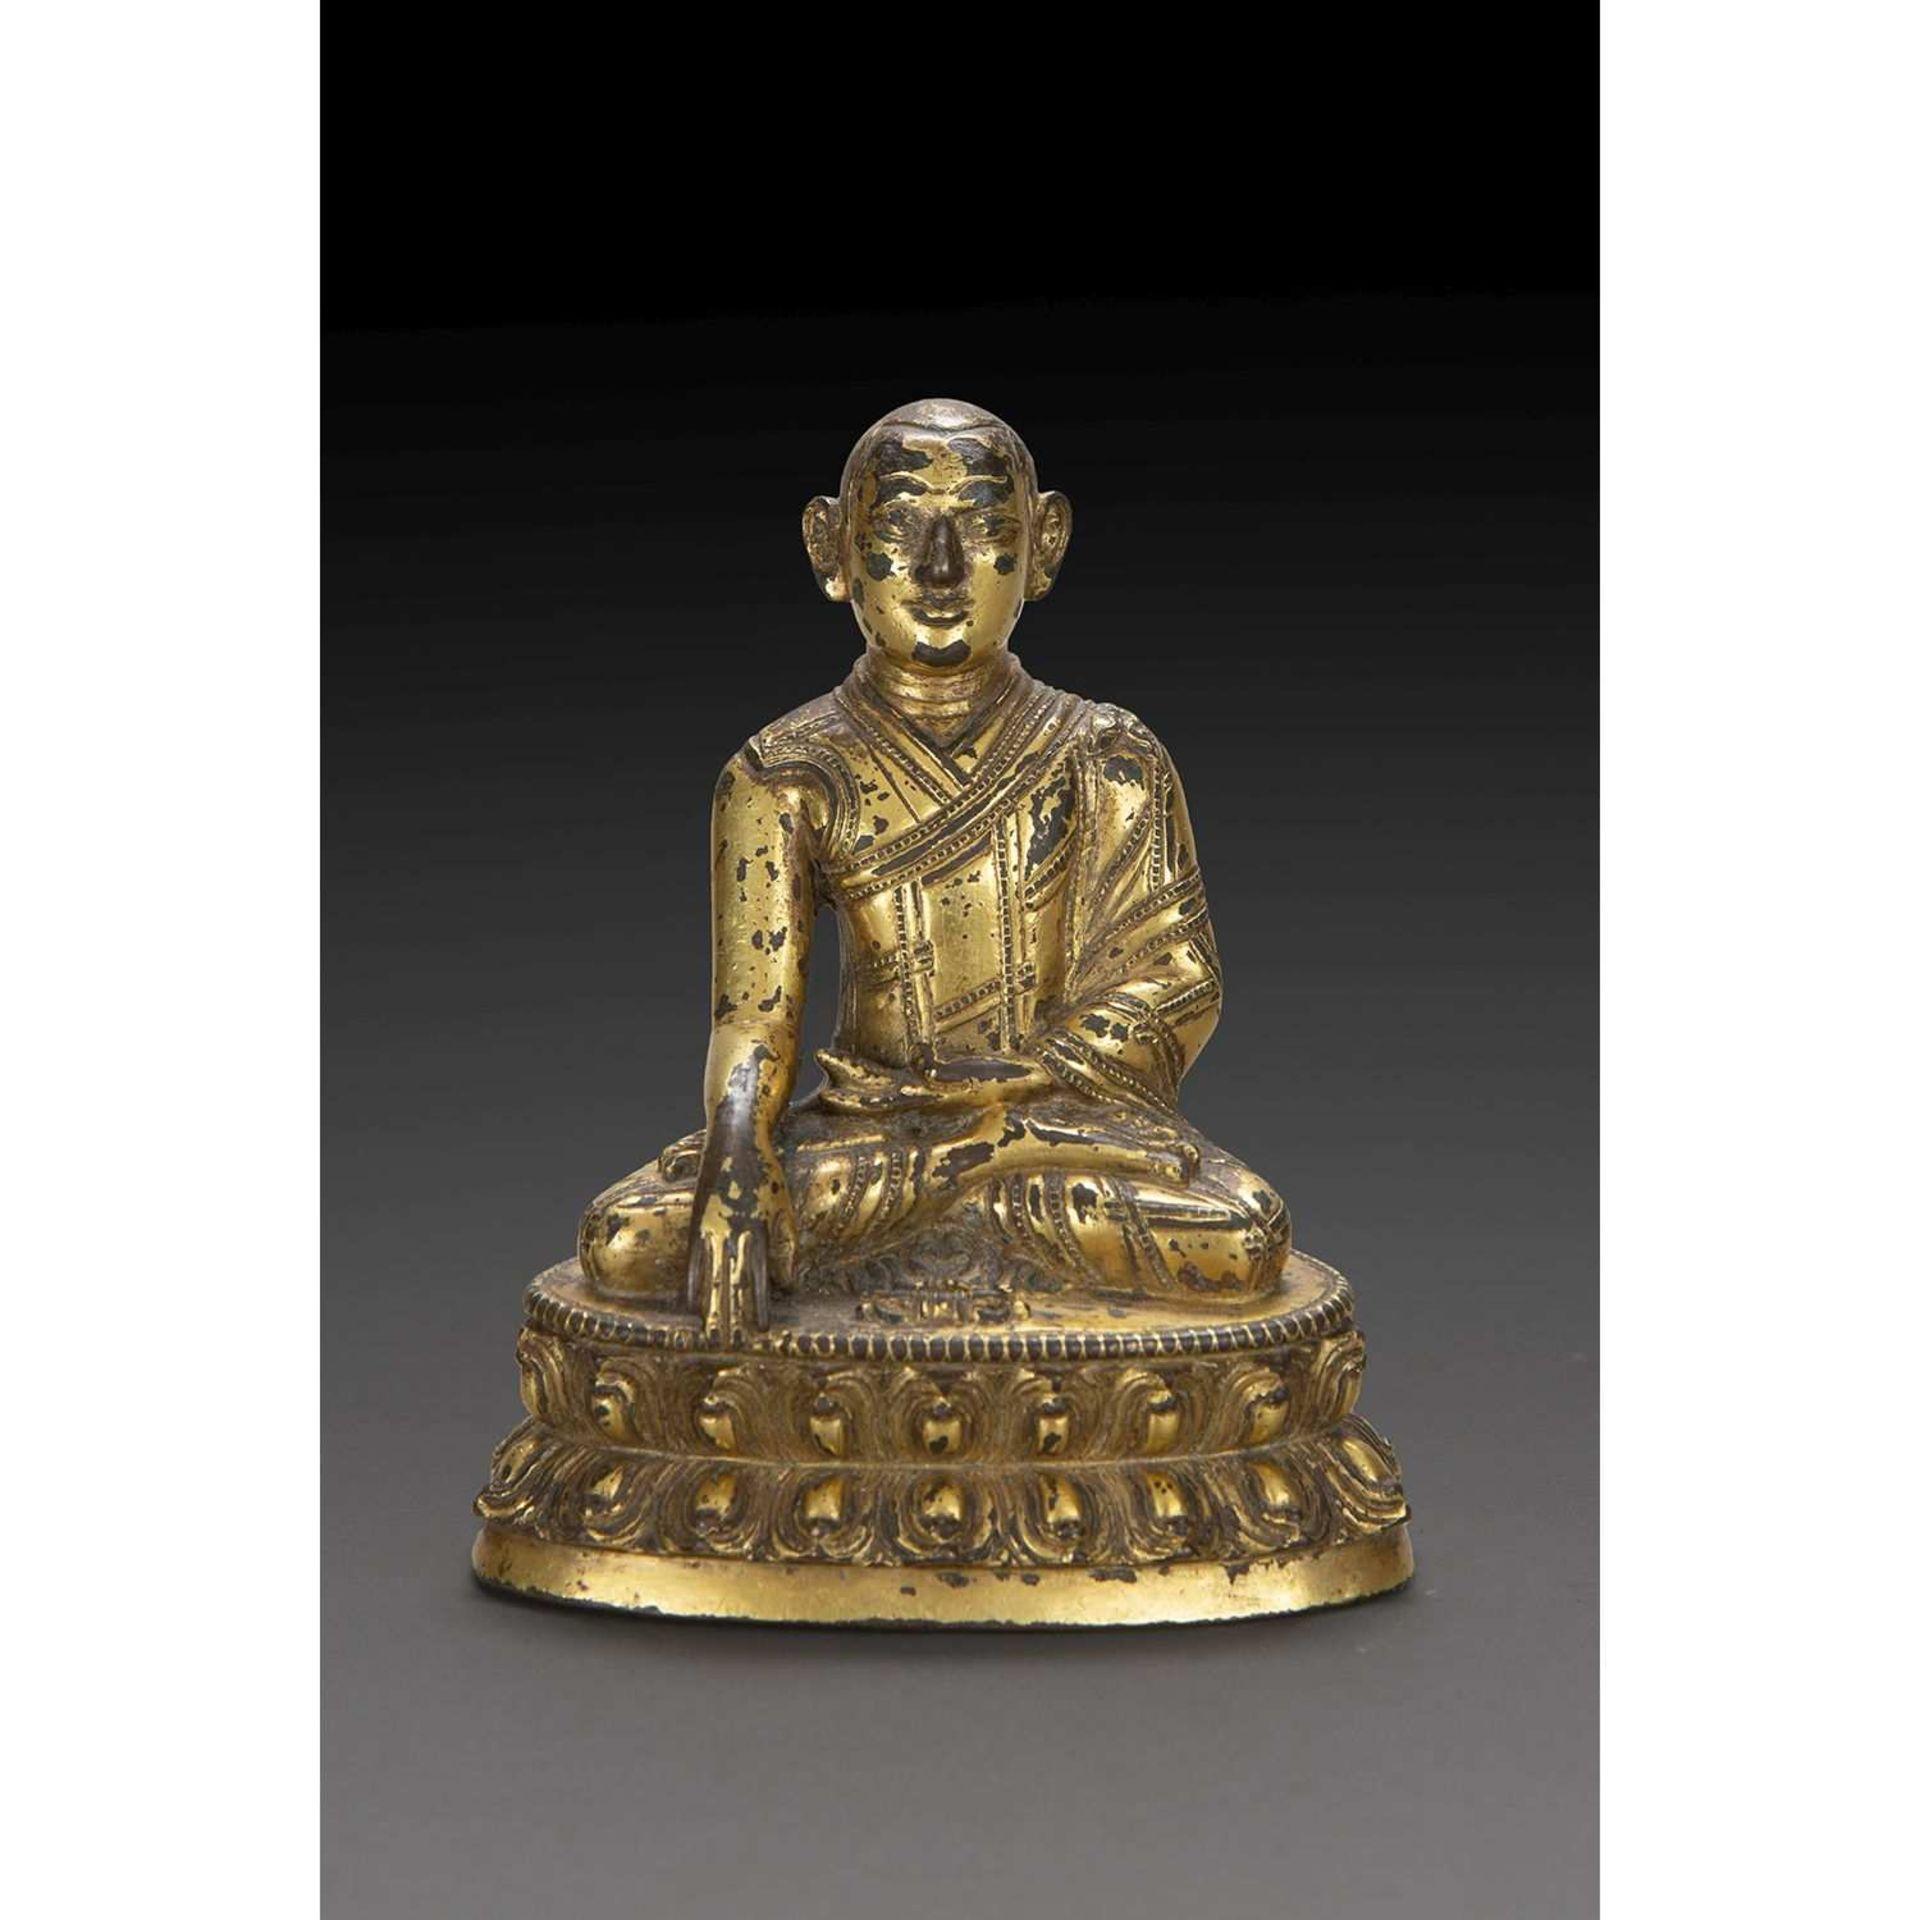 STATUETTE DE MOINE en bronze doré, représenté assis sur un socle lotiforme, les mains en